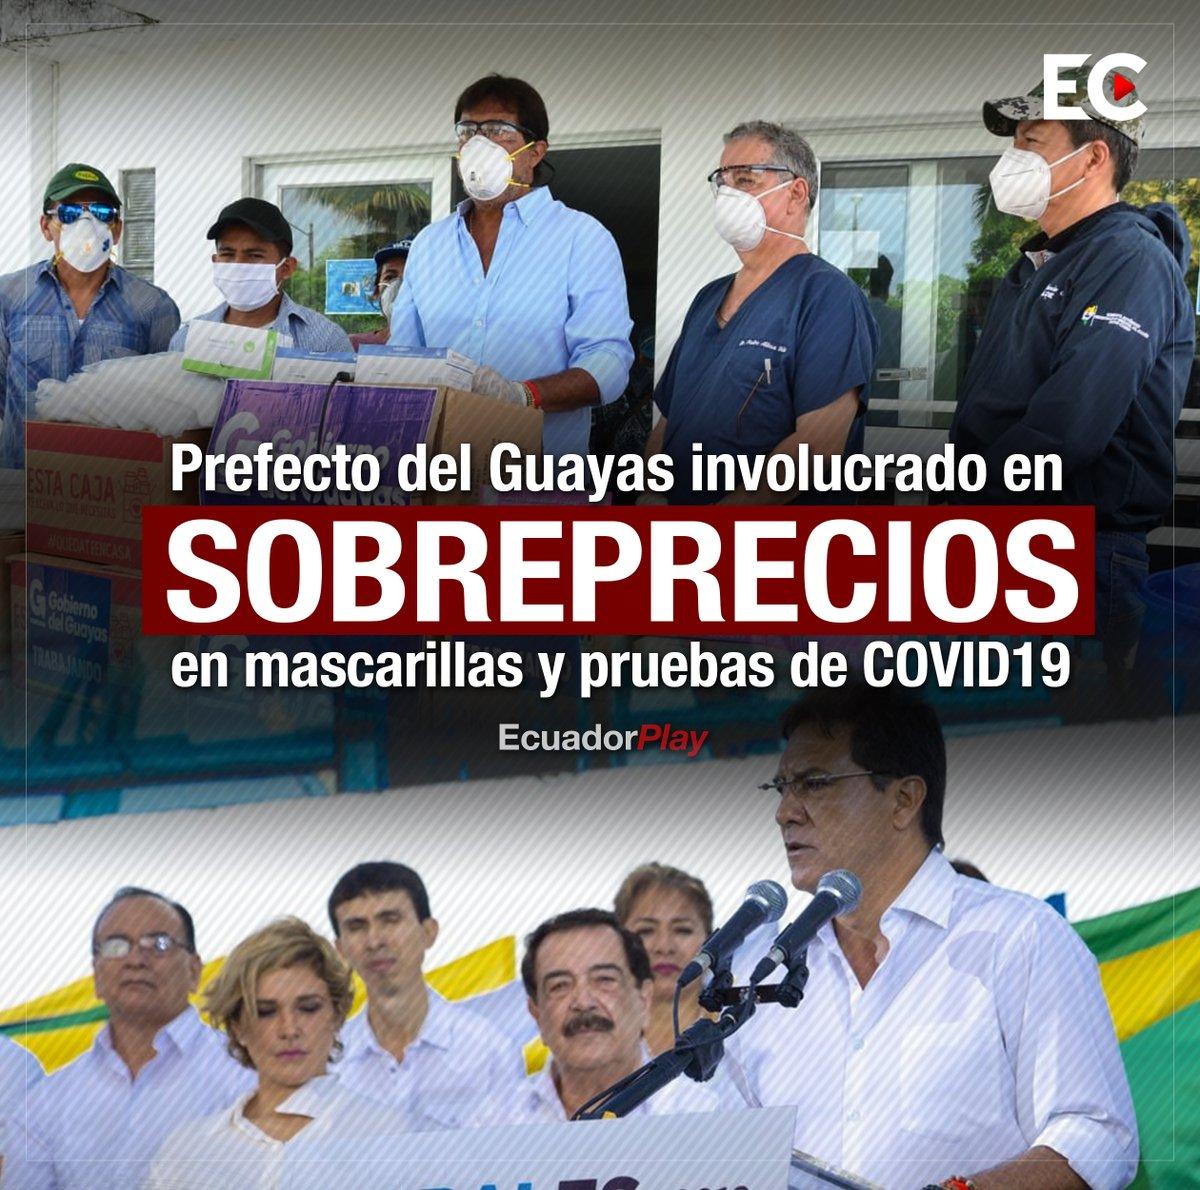 Más y más sobreprecios. Prefectura del #Guayas del exfutbolista @CLMoralesB compra 70.000 mascarillas N95 a $6.71 cada una, cuando en el mercado se consiguen a $3.0. Además de 5.000 pruebas rápidas para #COVID19 a $23.16 cada una, cuando se ofertan desde $13.0. ⬇️ https://t.co/6JQ9AJDpCi